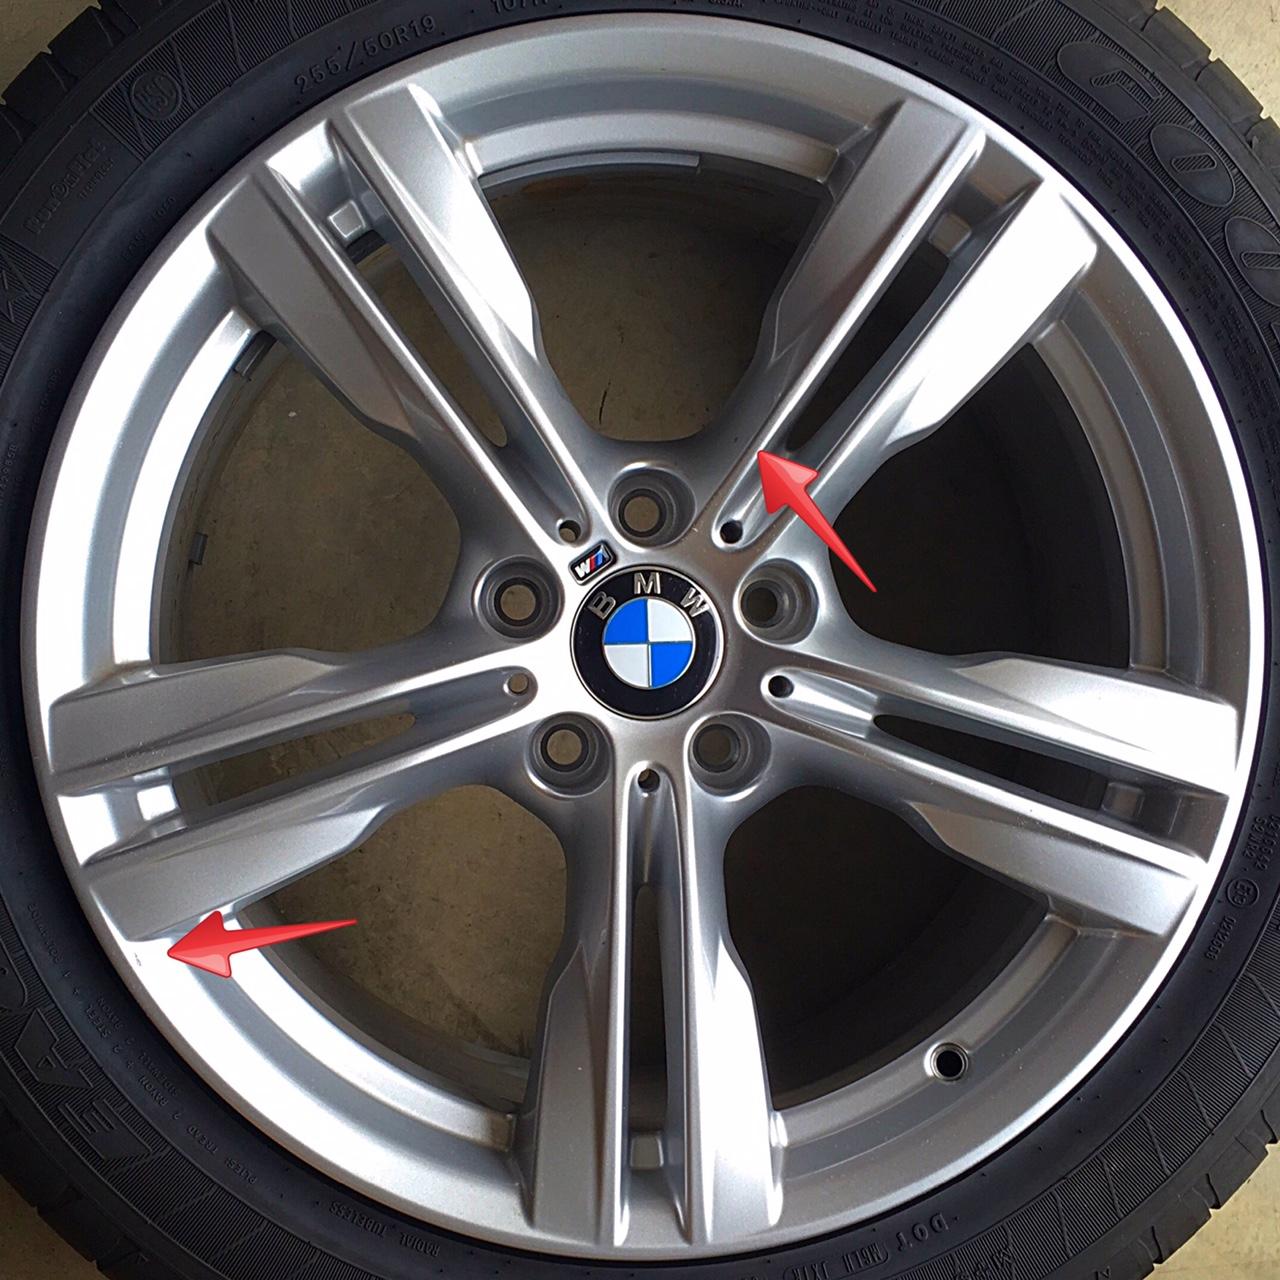 Bmw X6 Problems Forum: BMW X5 And X6 Forum (F15/F16)